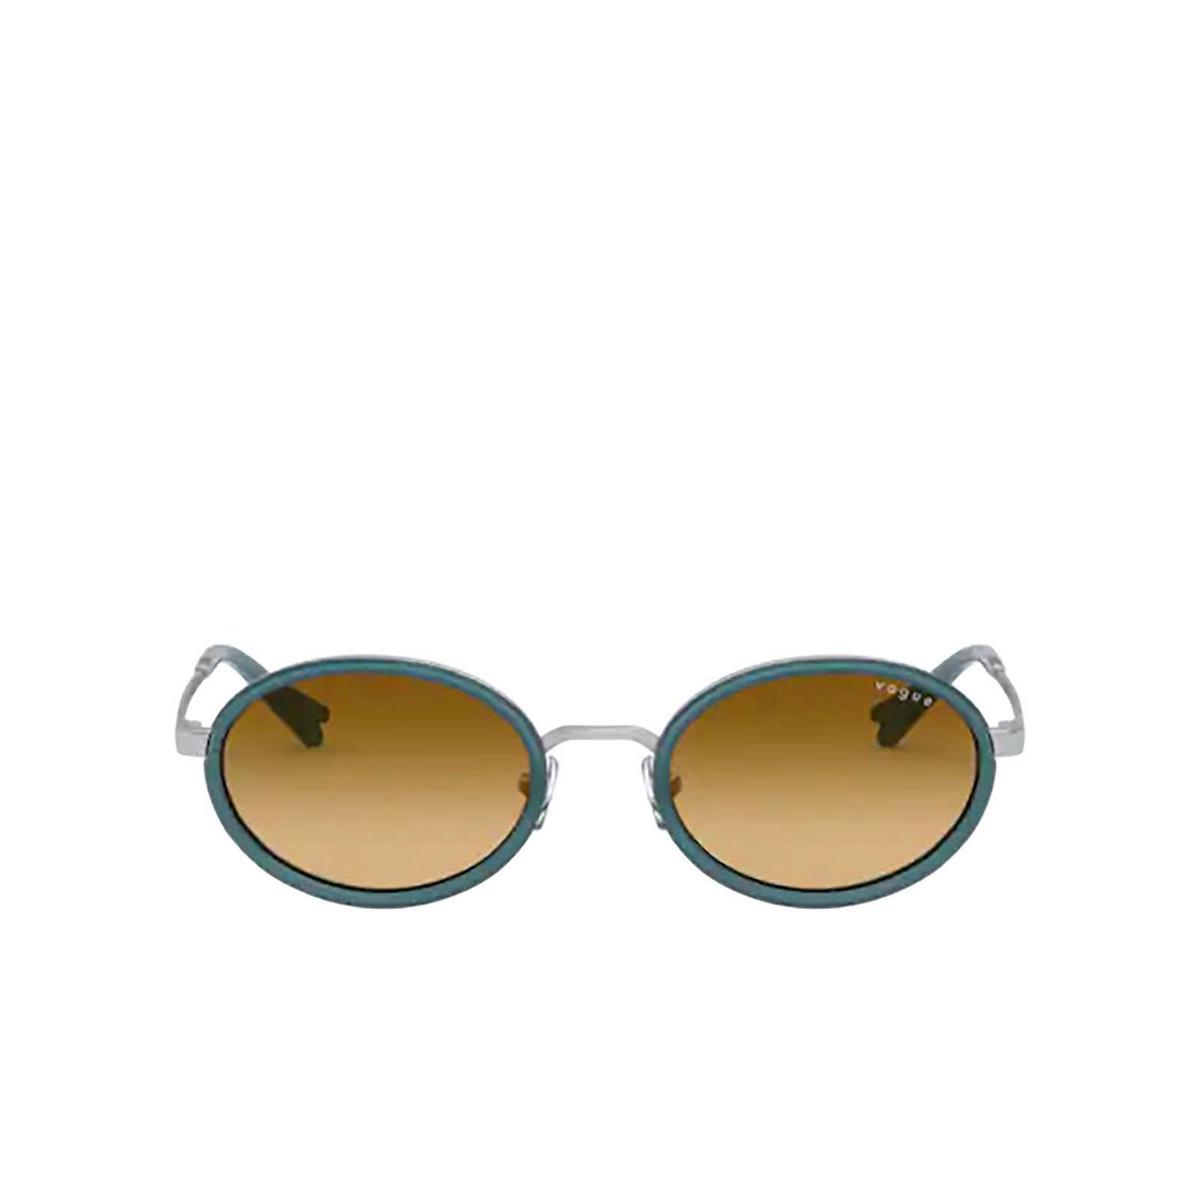 Vogue® Oval Sunglasses: VO4167S color Silver 51232L - 1/3.